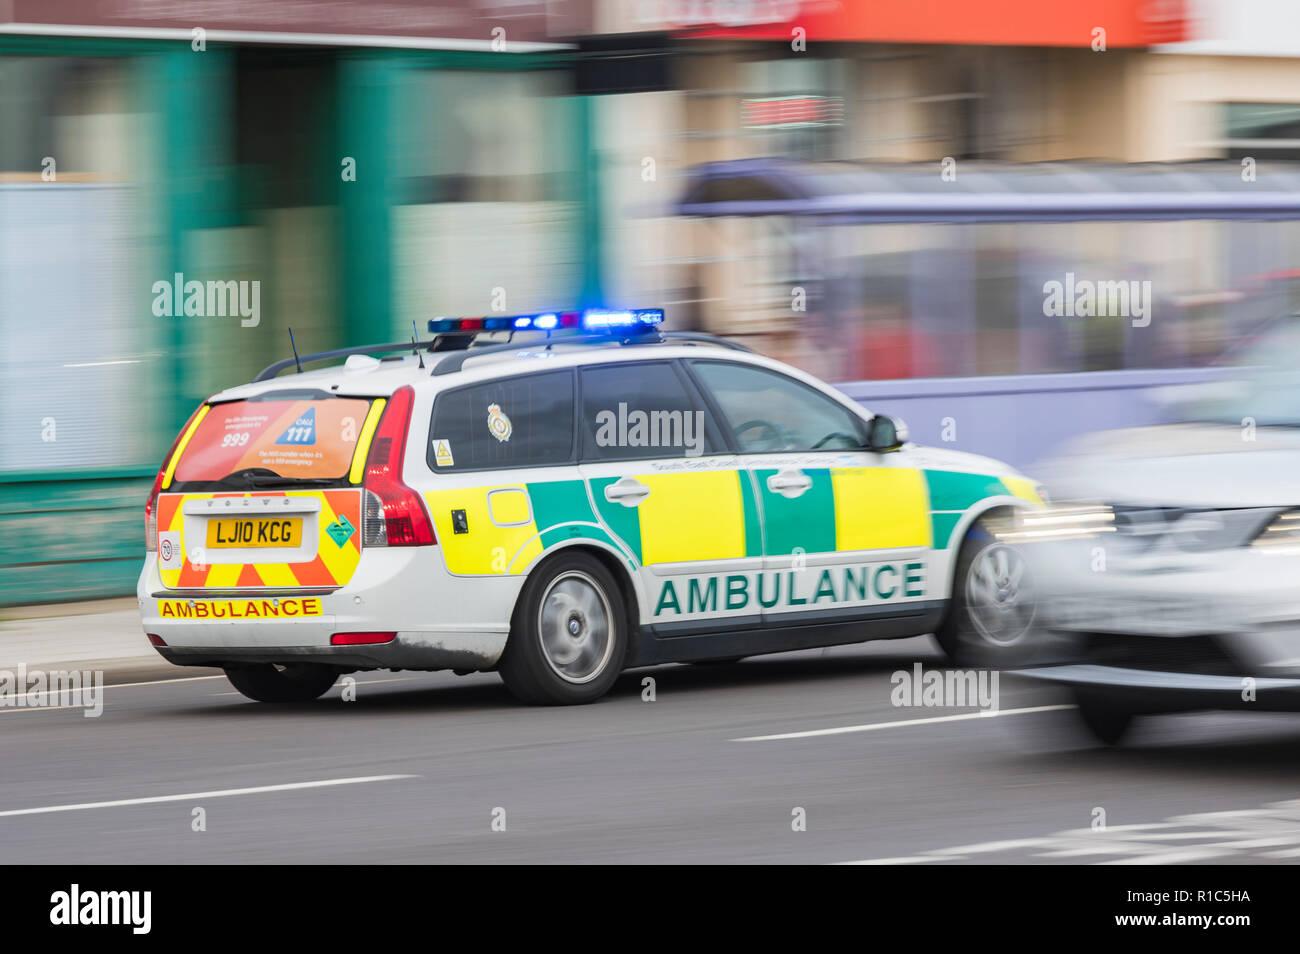 Respuesta rápida ambulancia automóvil con las luces azules destellando en la forma de llamada de emergencia en West Sussex, Reino Unido. Efecto de desenfoque de movimiento. Imagen De Stock